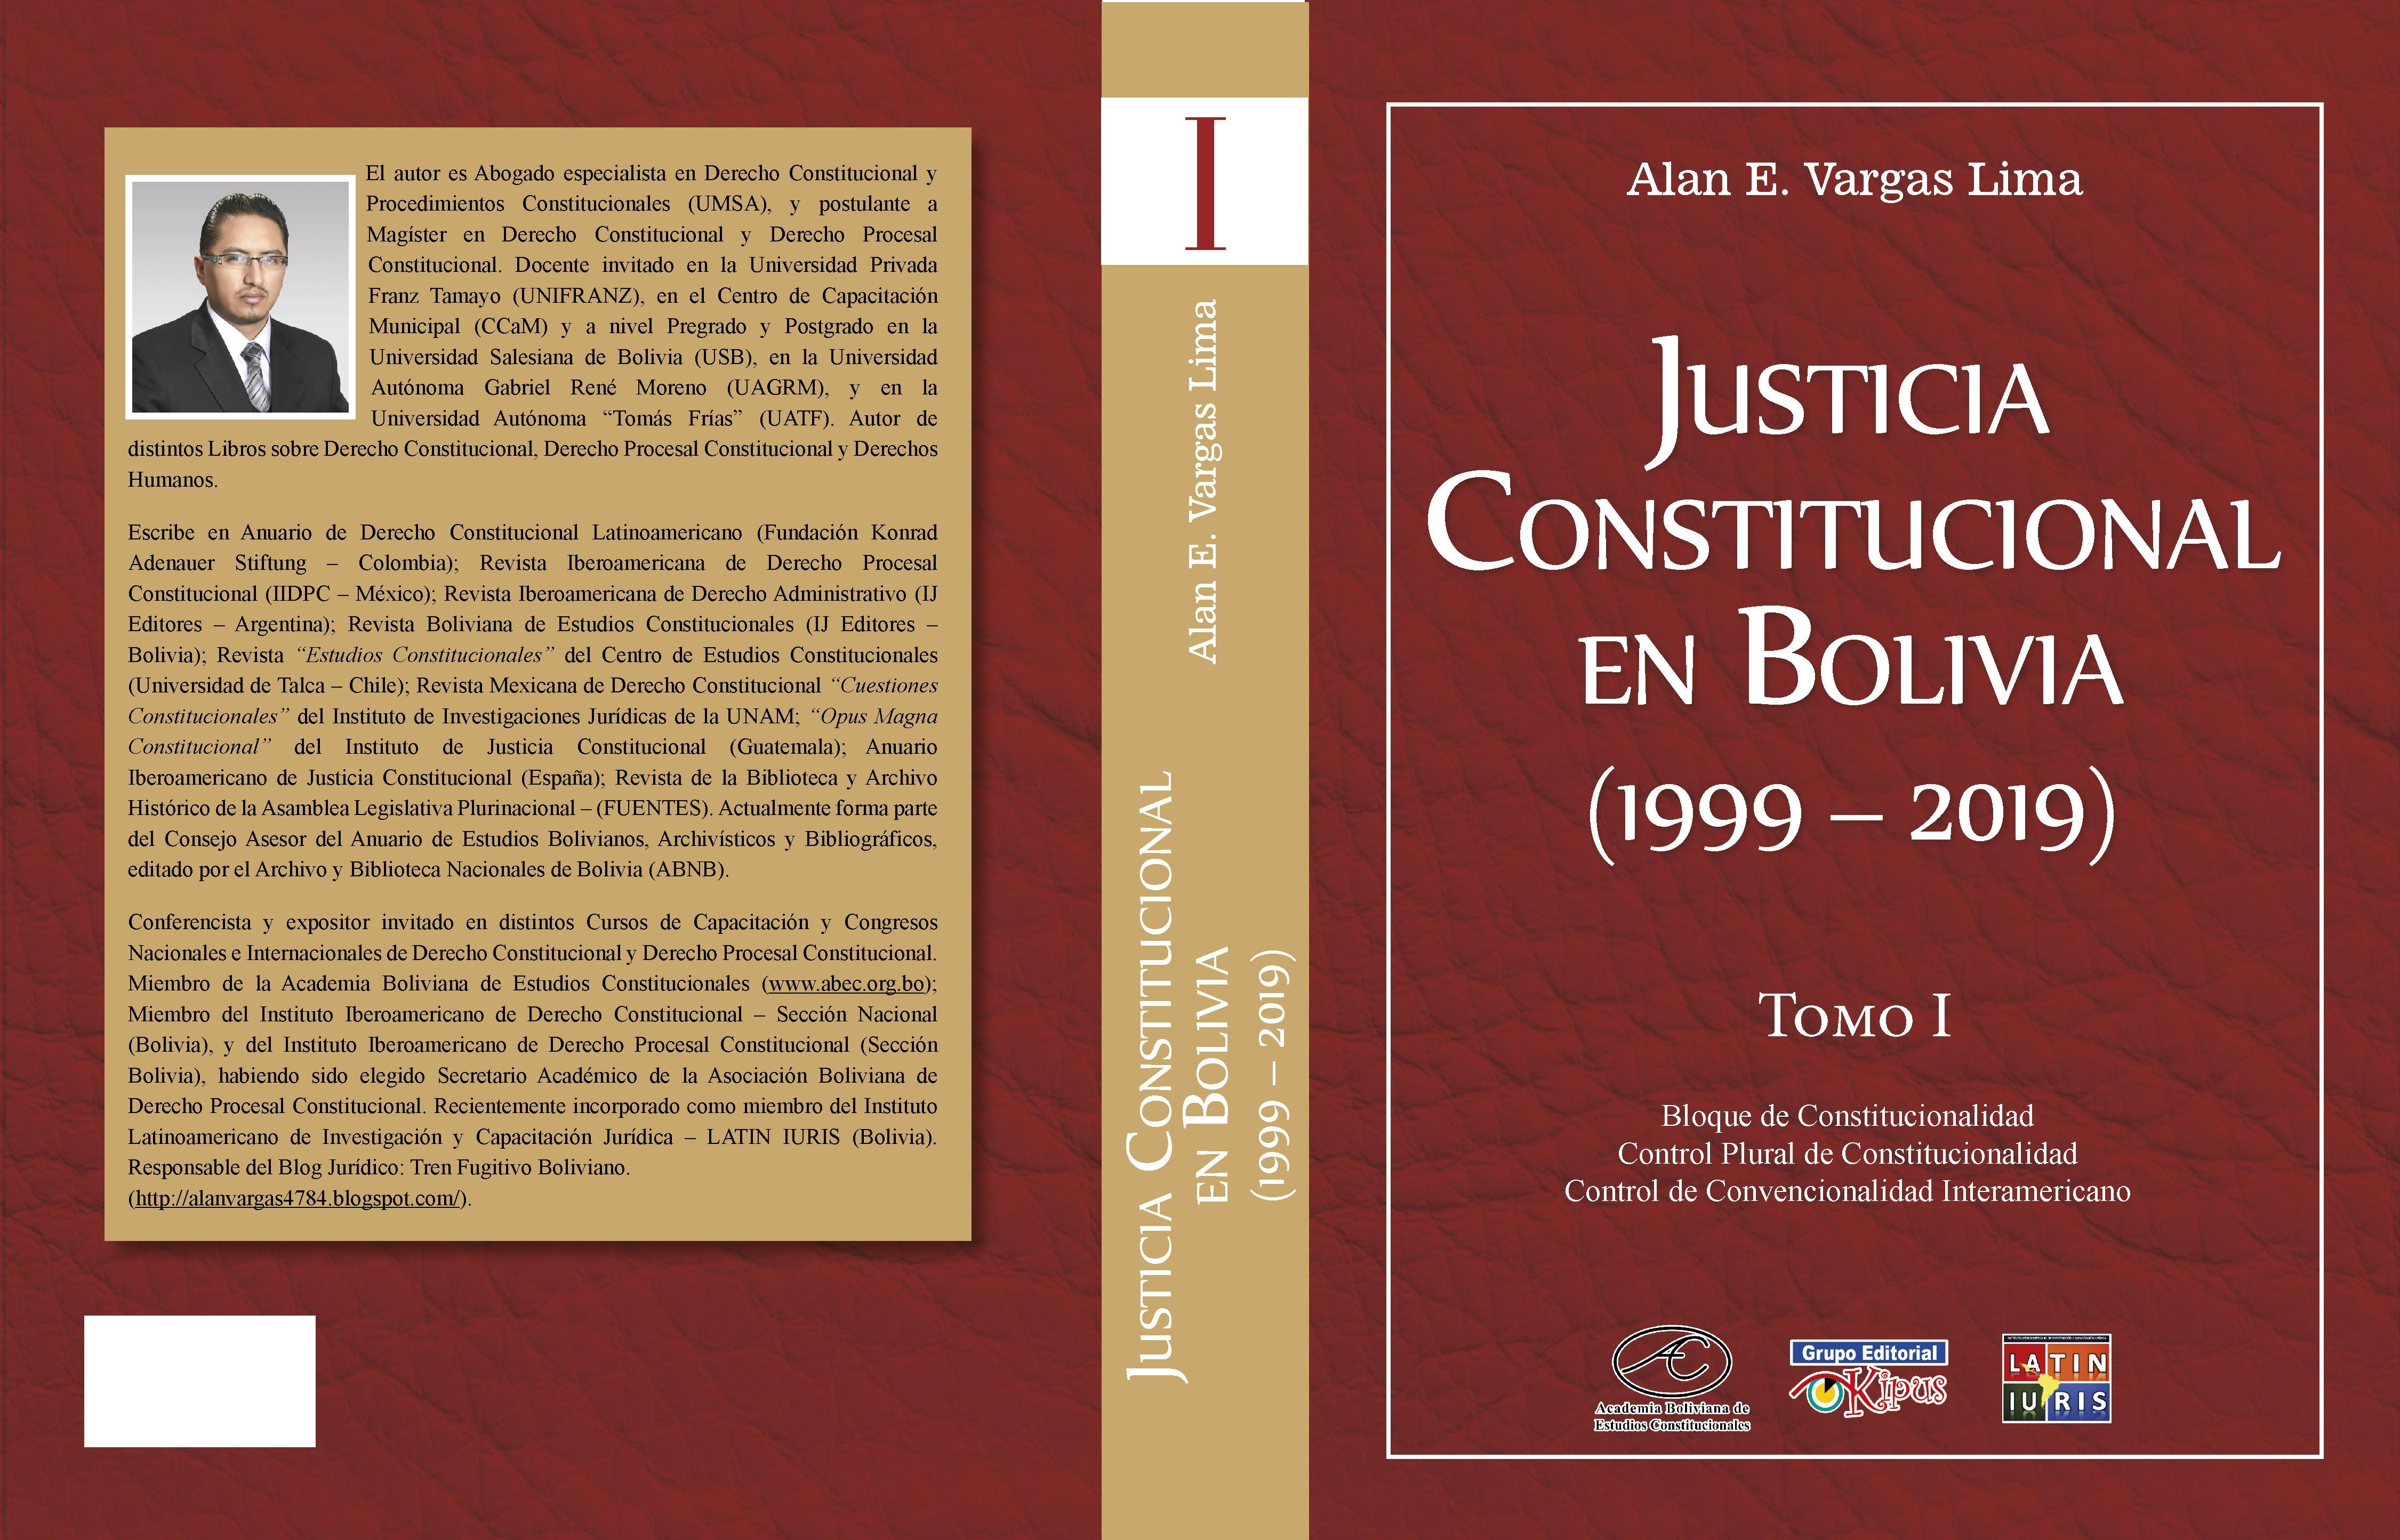 JUSTICIA CONSTITUCIONAL EN BOLIVIA (1999 - 2019)